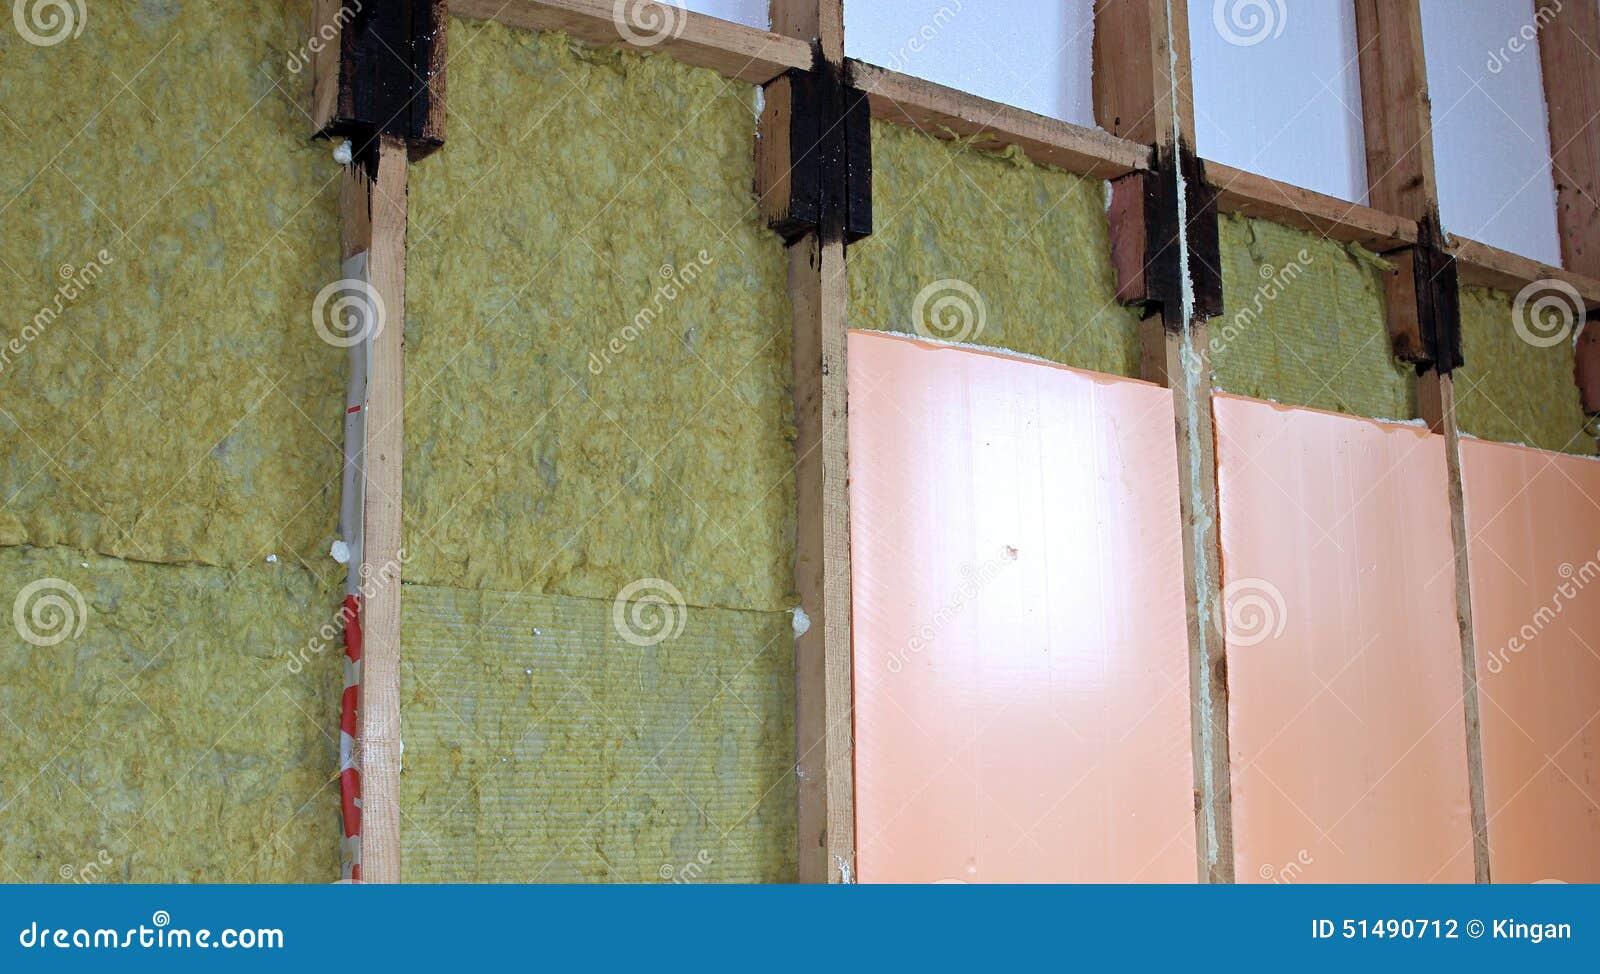 Construction Des Murs Du0027une Maison De Cadre Avec Différents Types Du0027 Isolation Thermique